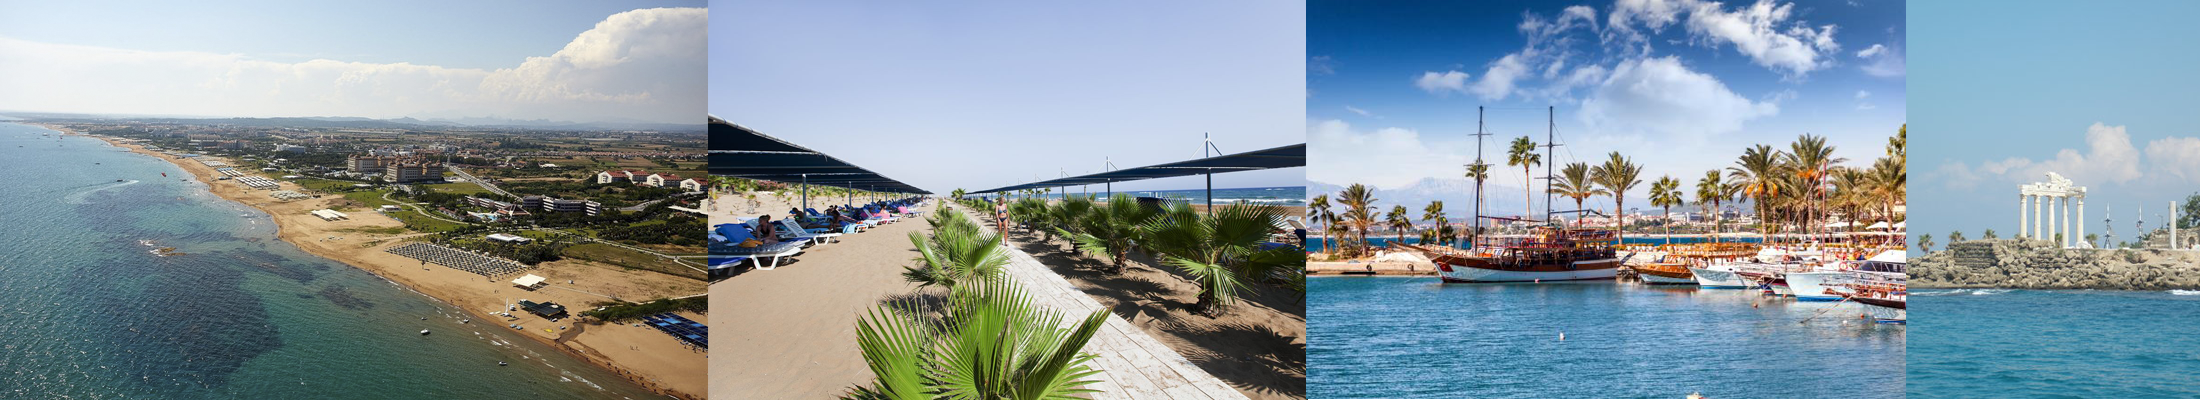 Описание Чолаклы, все о курорте Чолаклы, пляжи, тели, погода